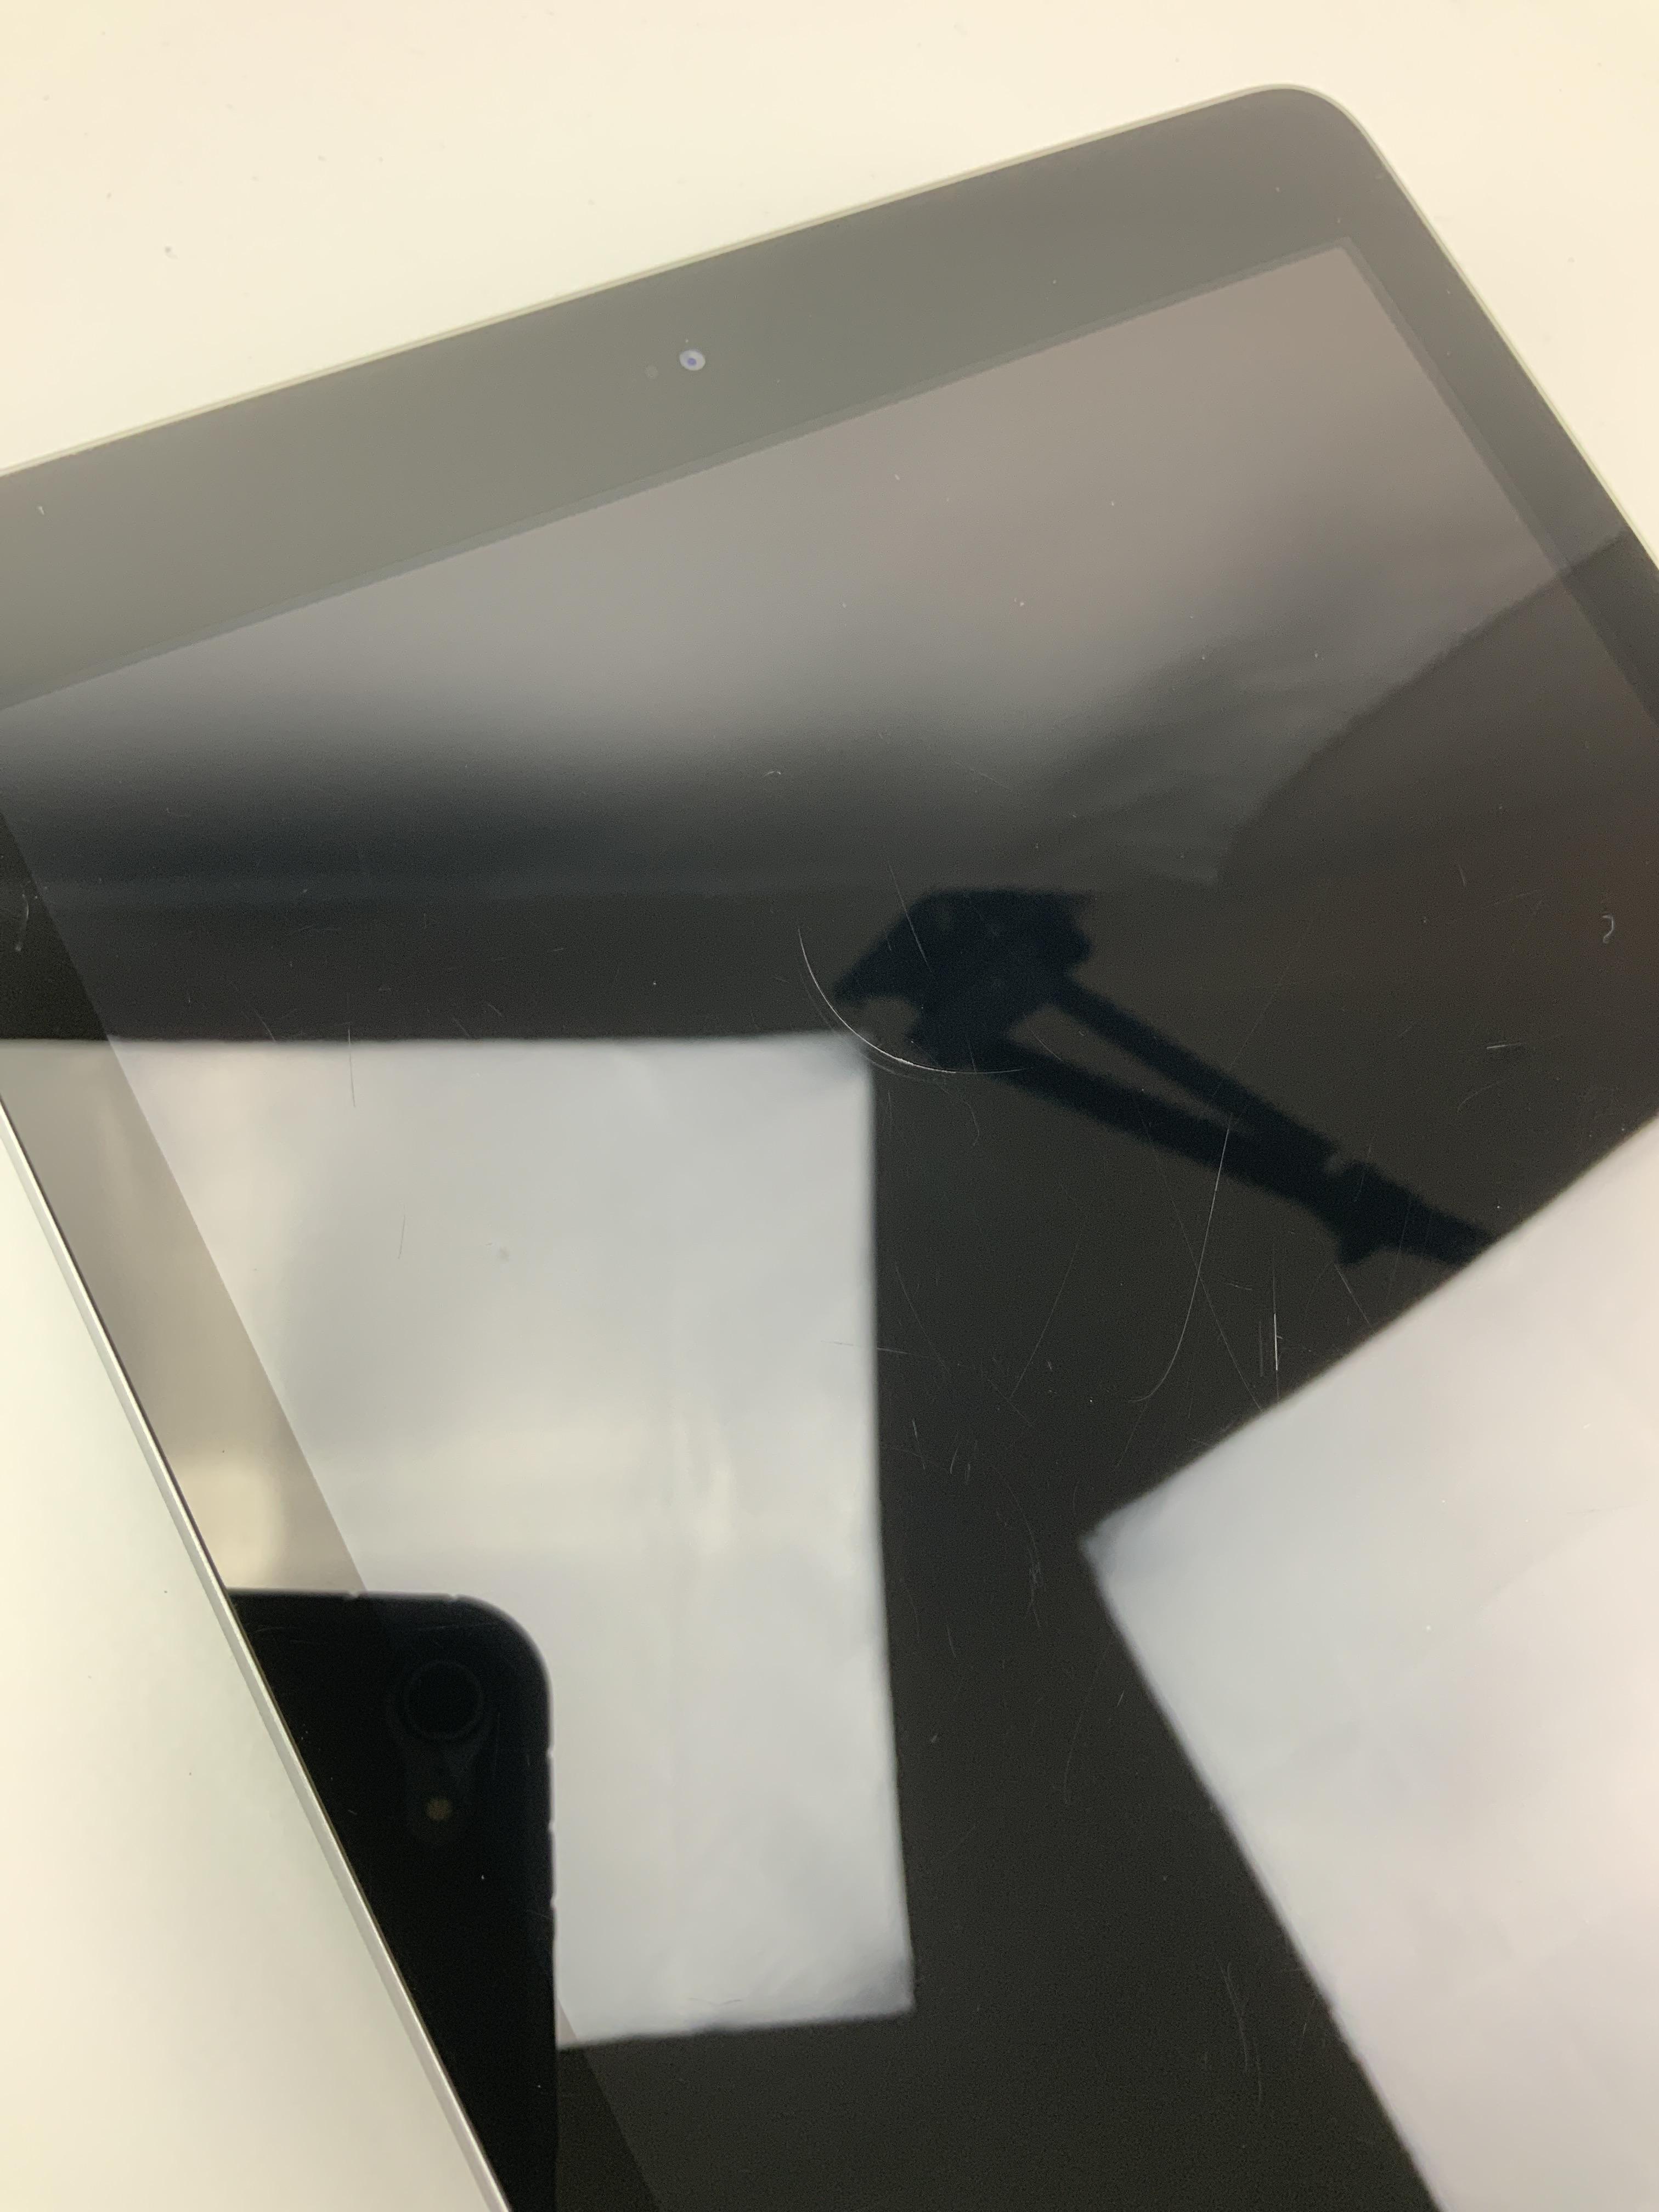 iPad 6 Wi-Fi 32GB, 32GB, Space Gray, image 3